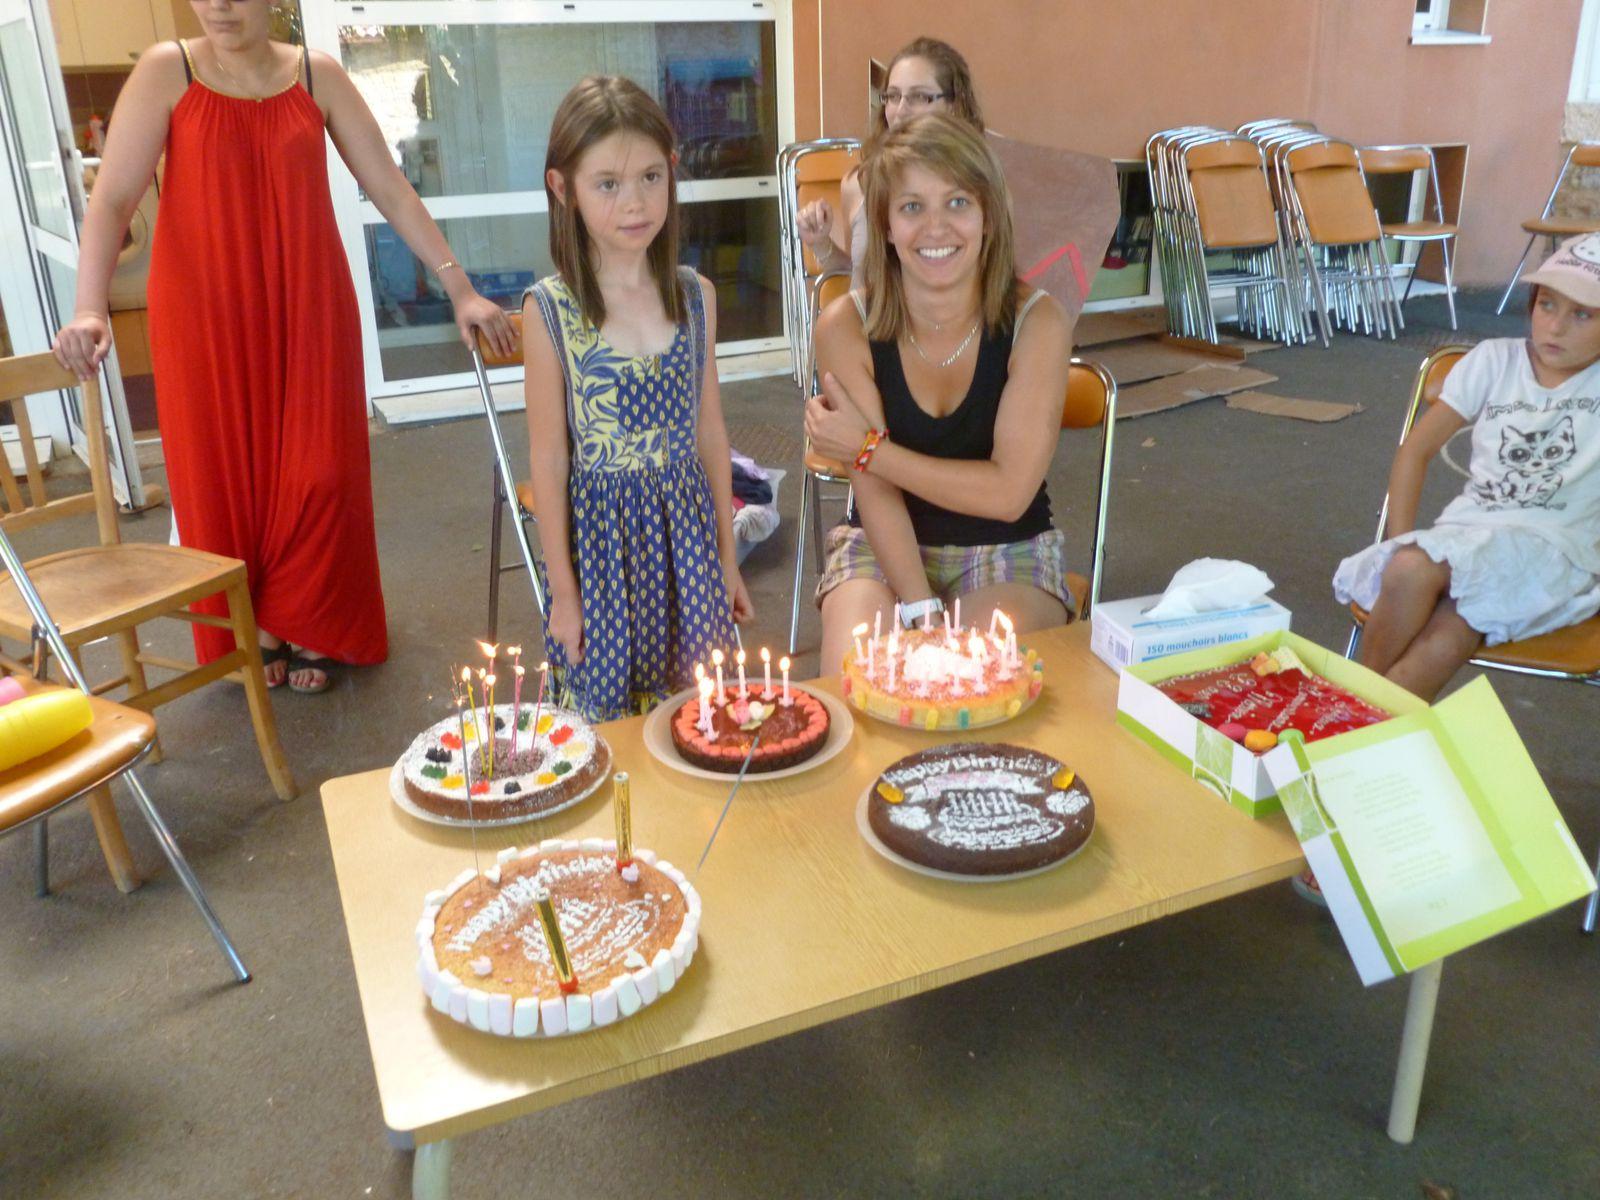 Vendredi 2 août 2013 : anniversaires de Marion (22 ans) et de Léna (7 ans)